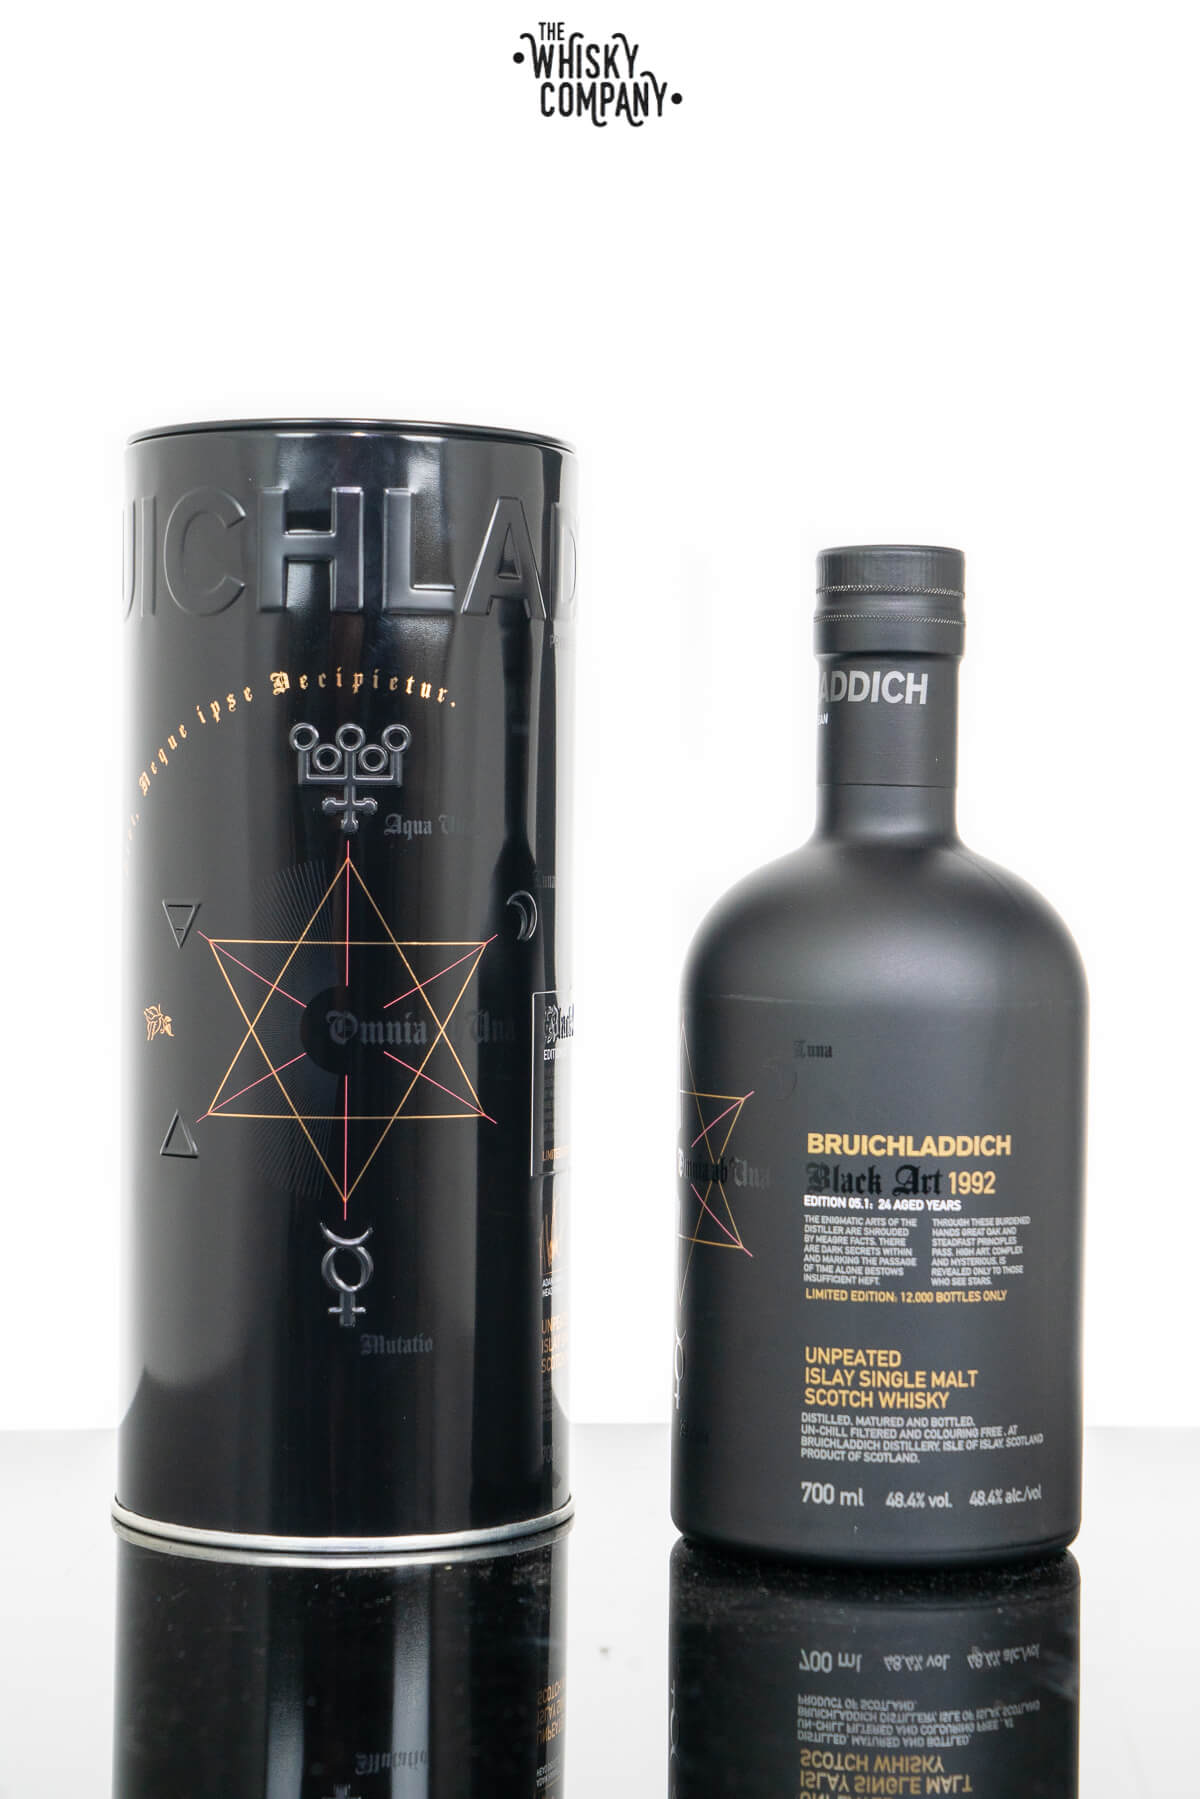 Bruichladdich 1992 Black Art Edition 5.1 Islay Single Malt Scotch Whisky (700ml)